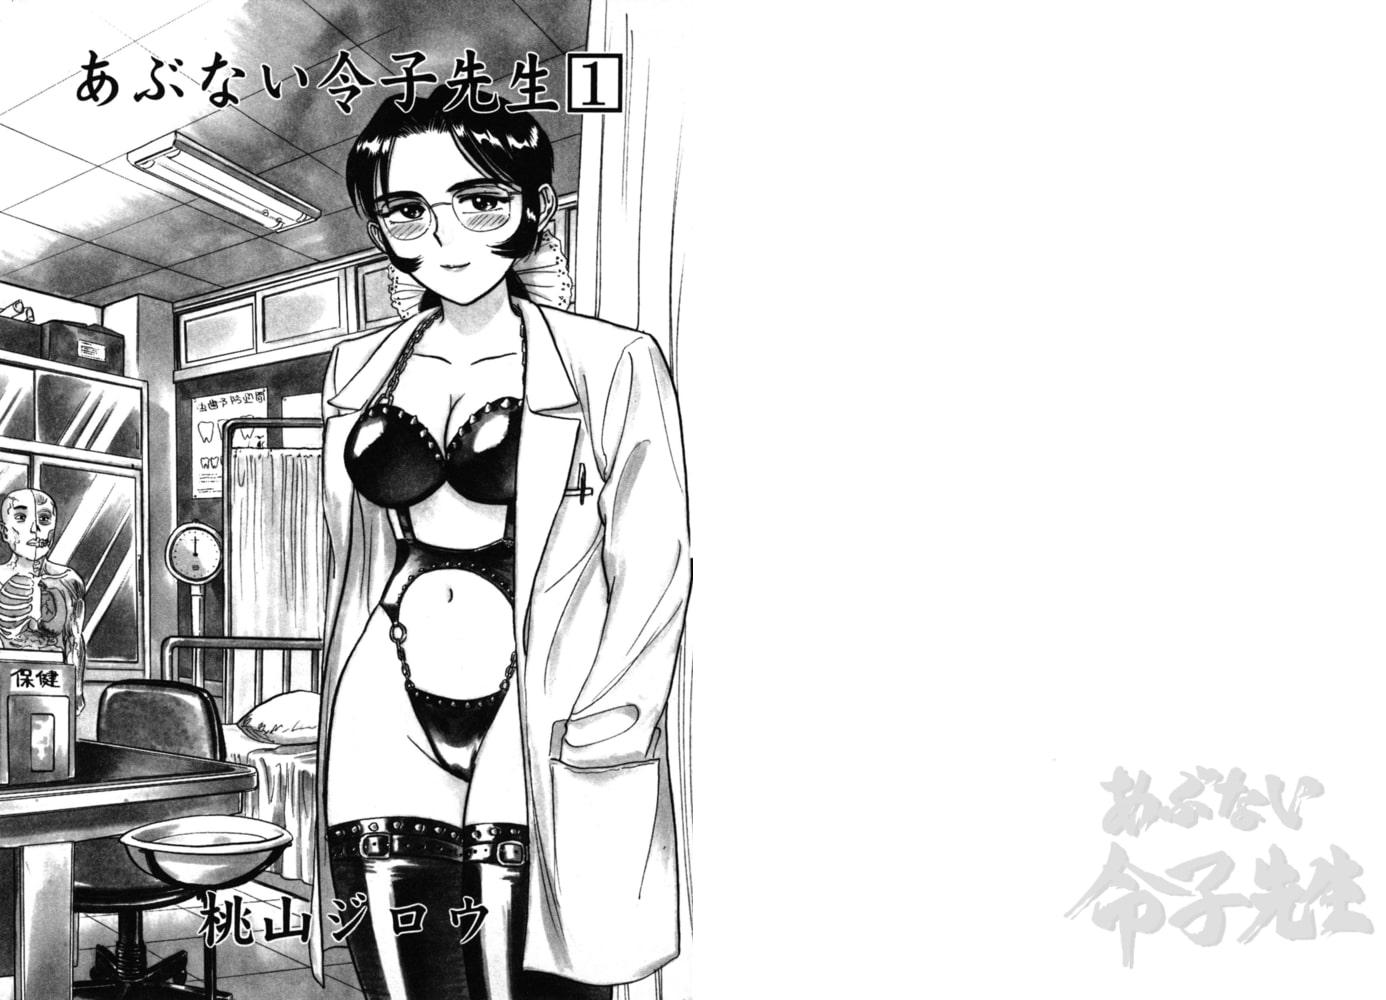 あぶない令子先生 1